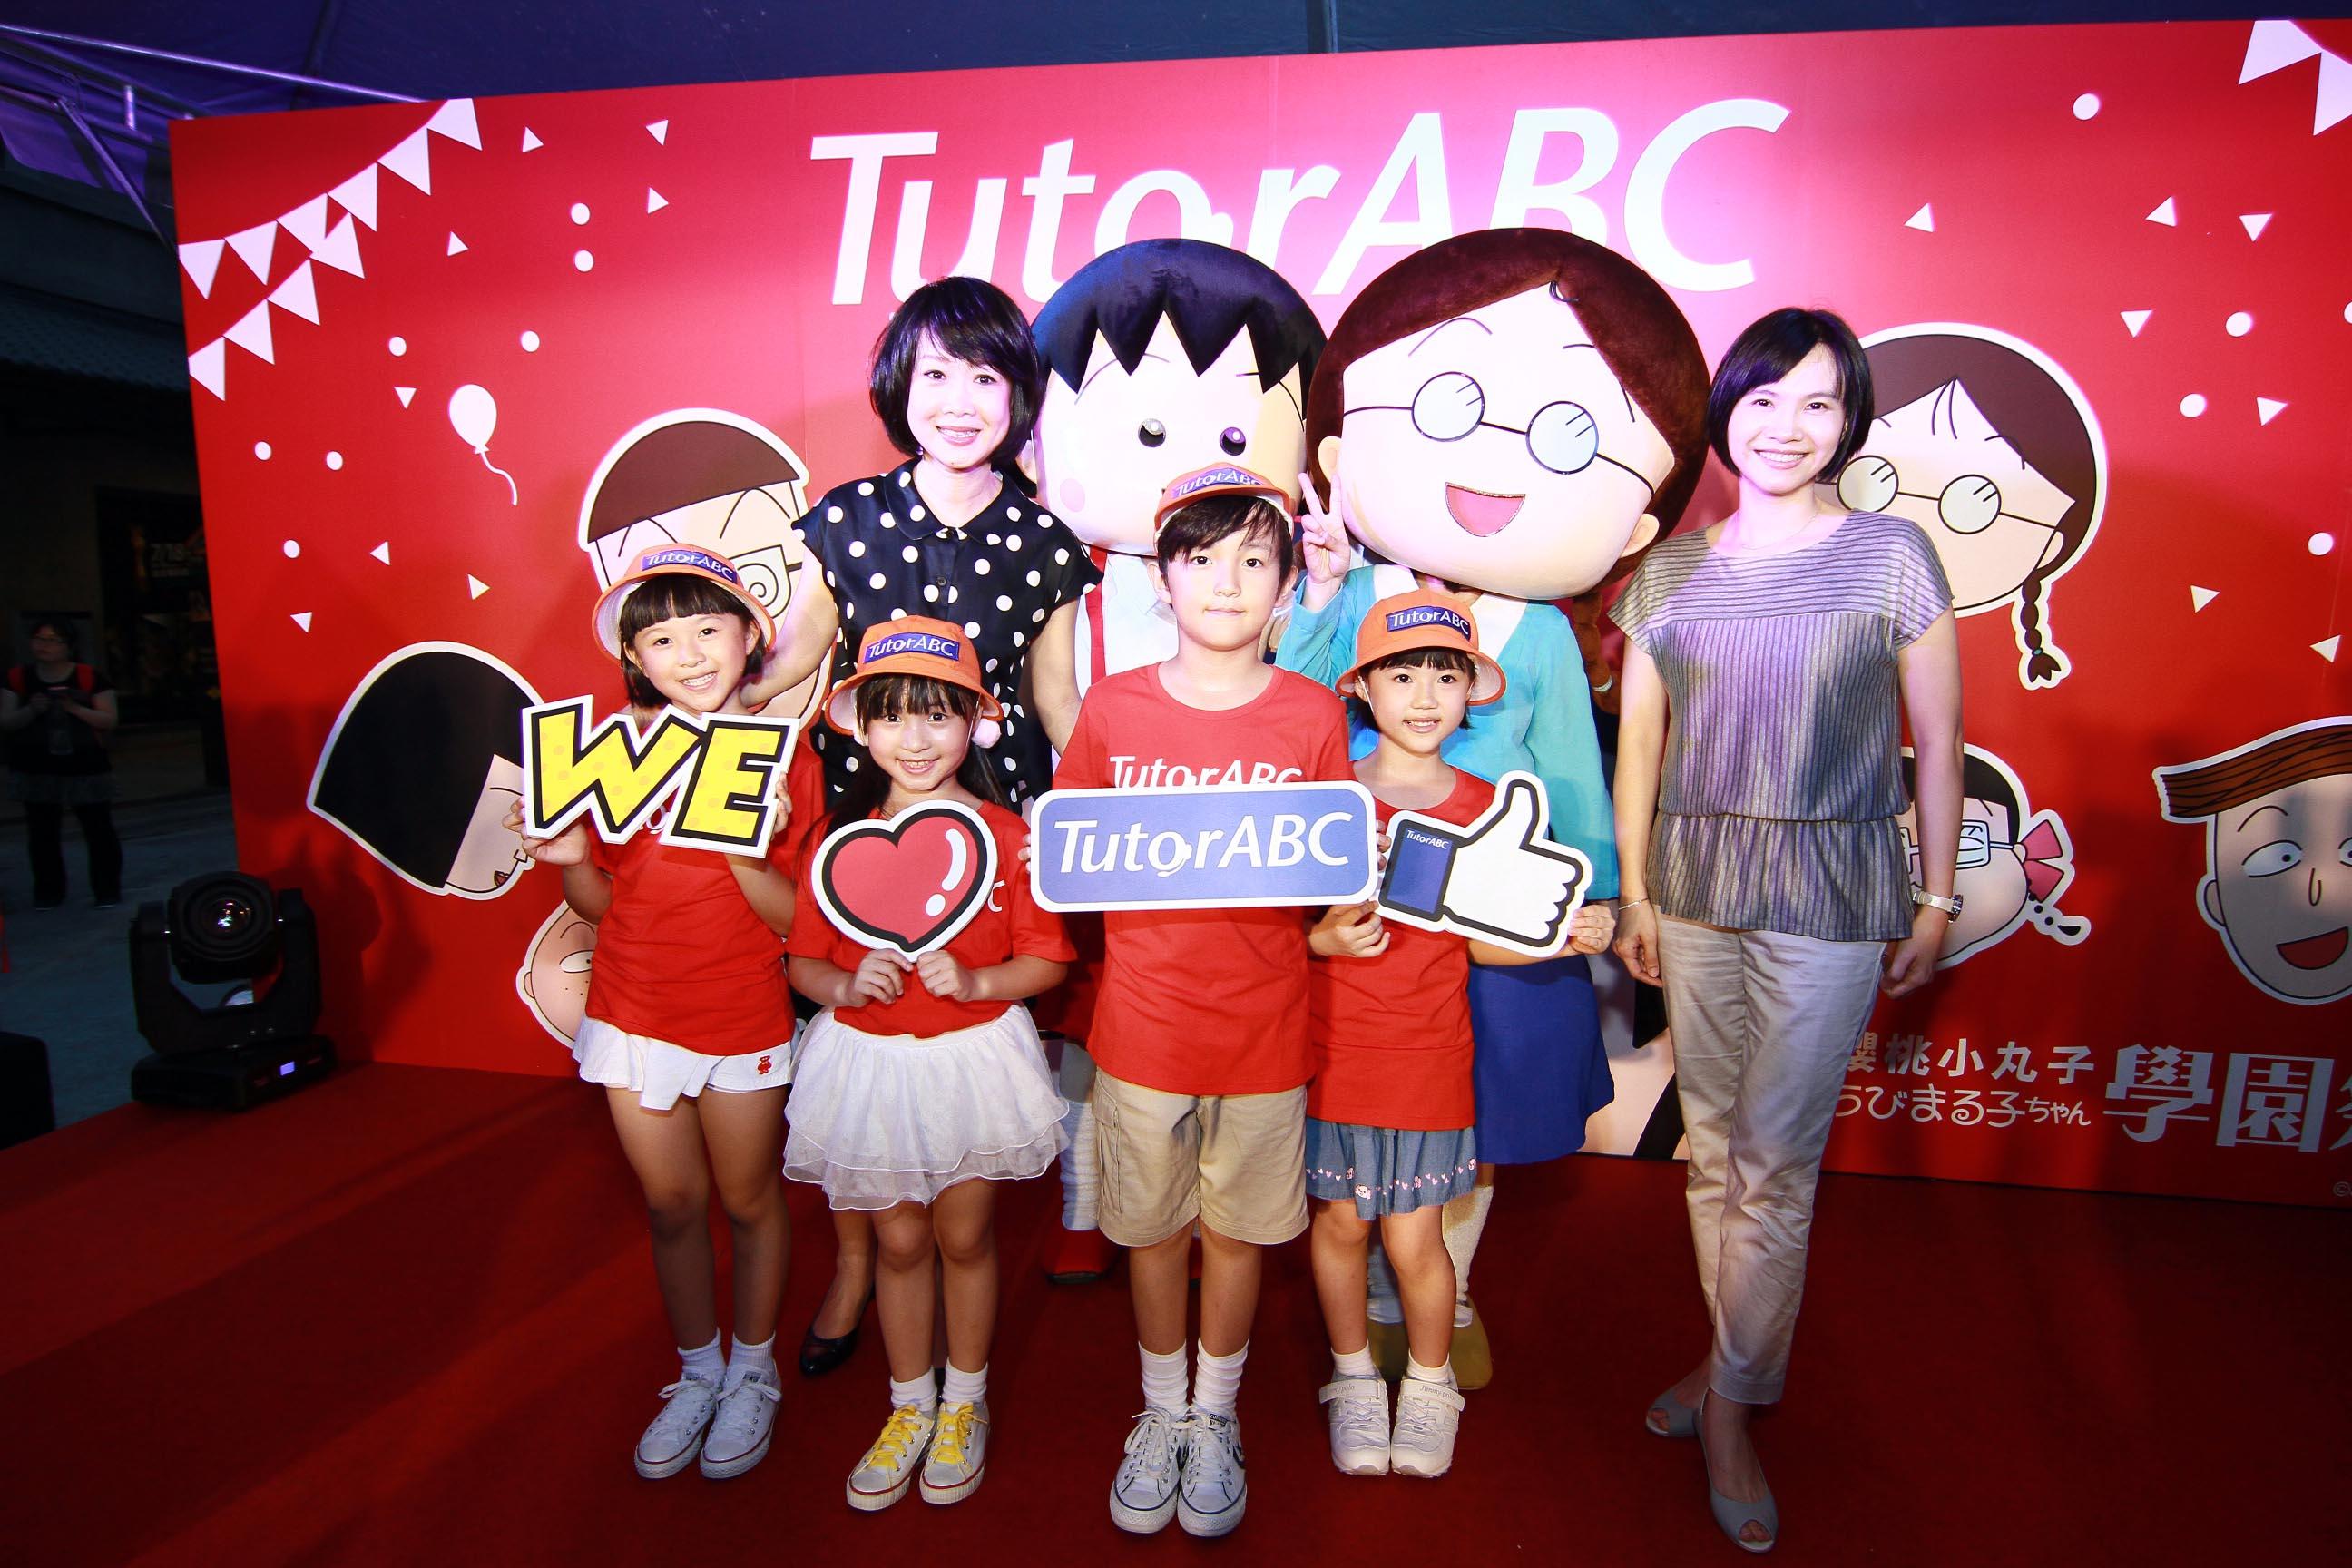 TutorABC營銷總經理黃嘉琦與品牌暨公關副總趙心屏和小朋友共度快樂學習時光